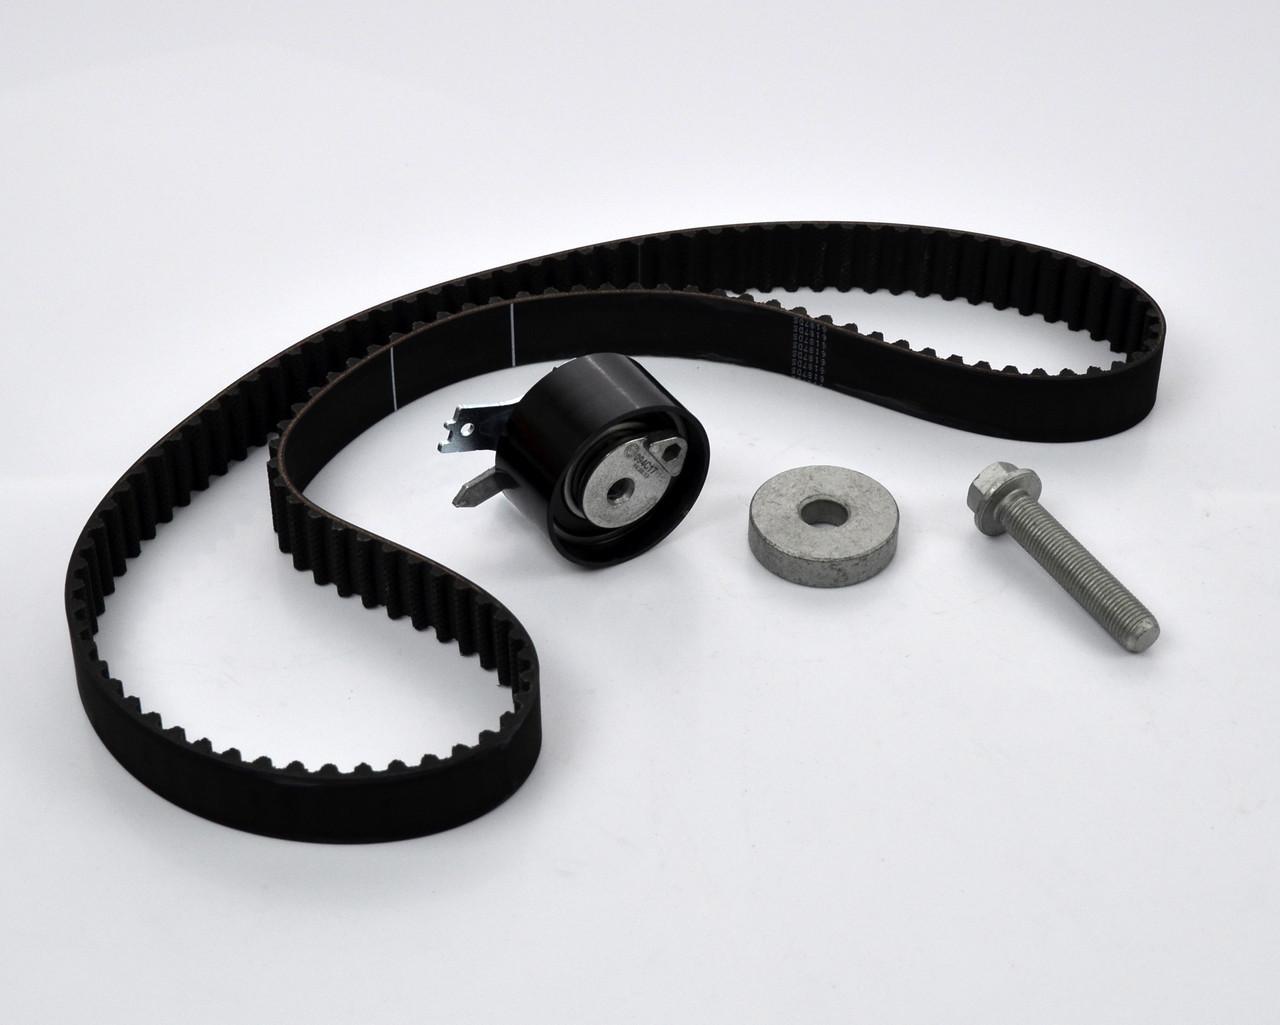 Комплект натягувач + ремінь ГРМ на Renault Scenic III - Renault (Оригінал) - 7701477028